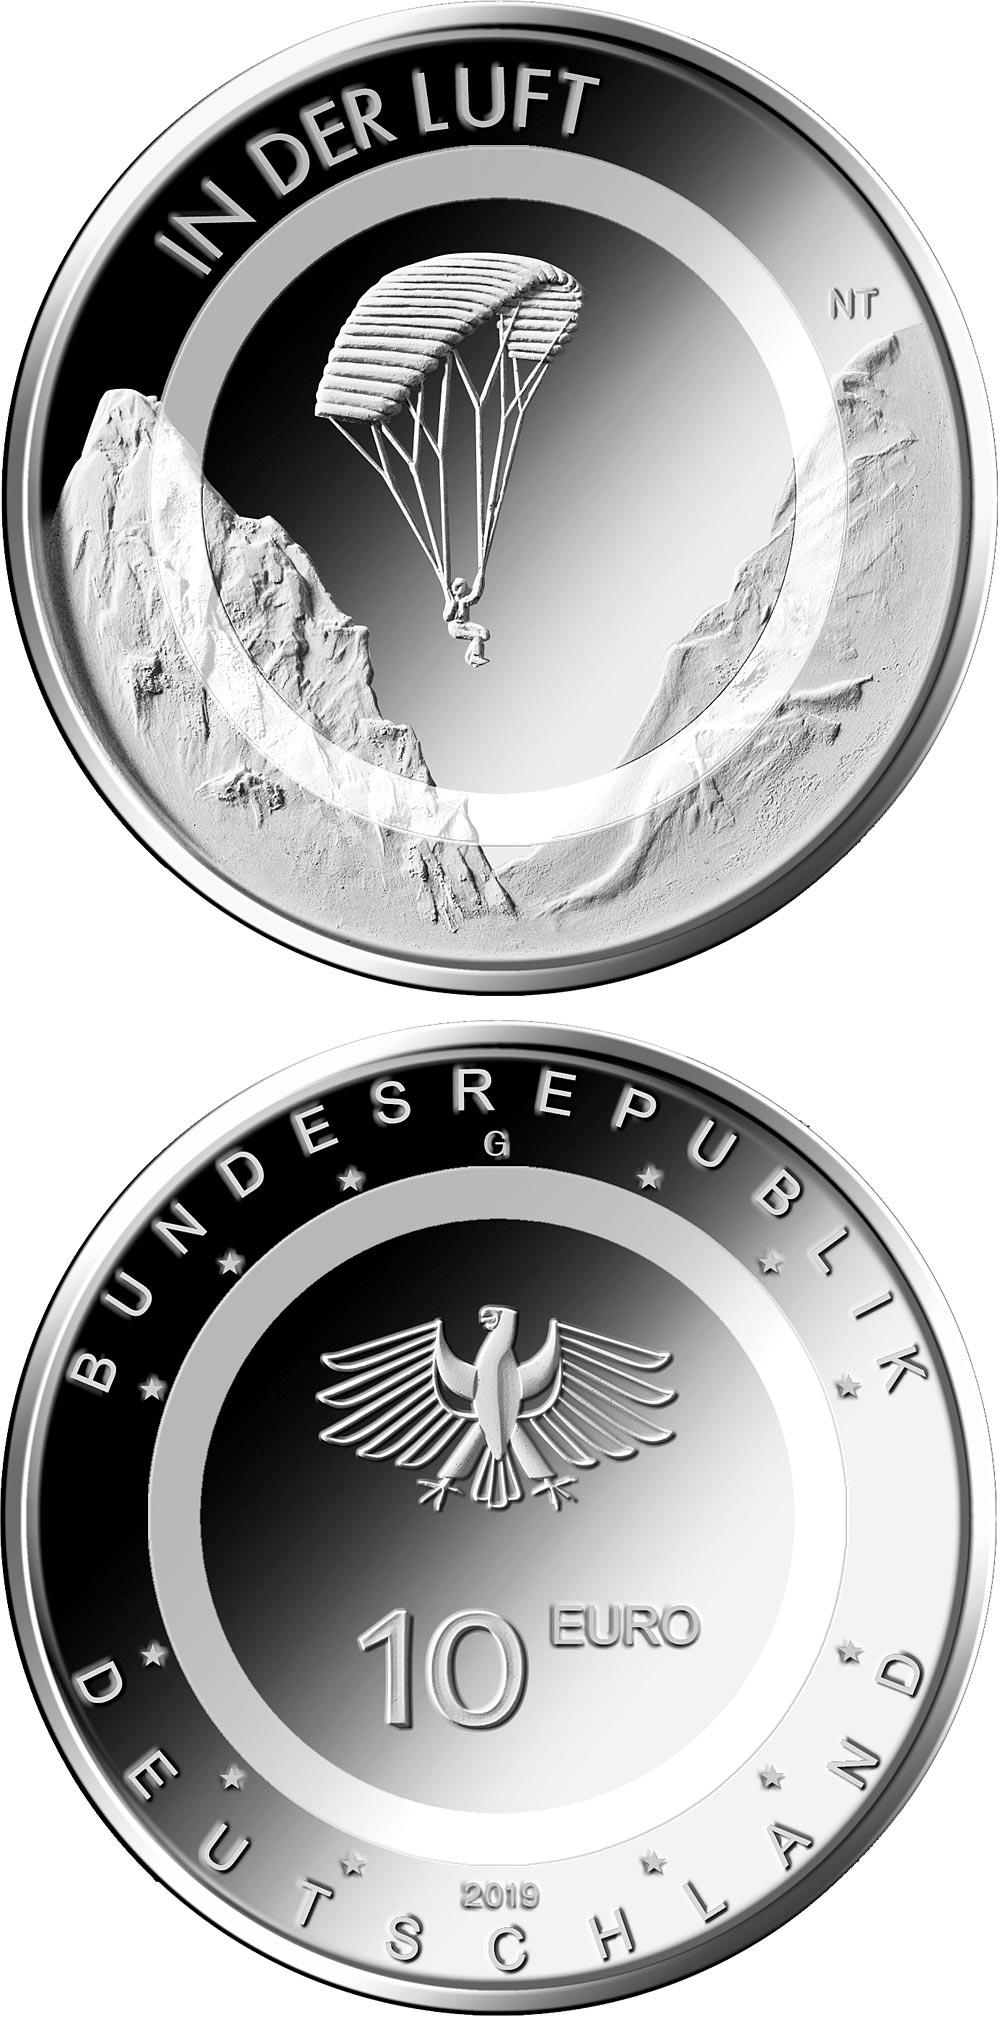 Un anello di polimero traslucido bianco caratterizzerà la nuova 10 euro ibrida di Germania